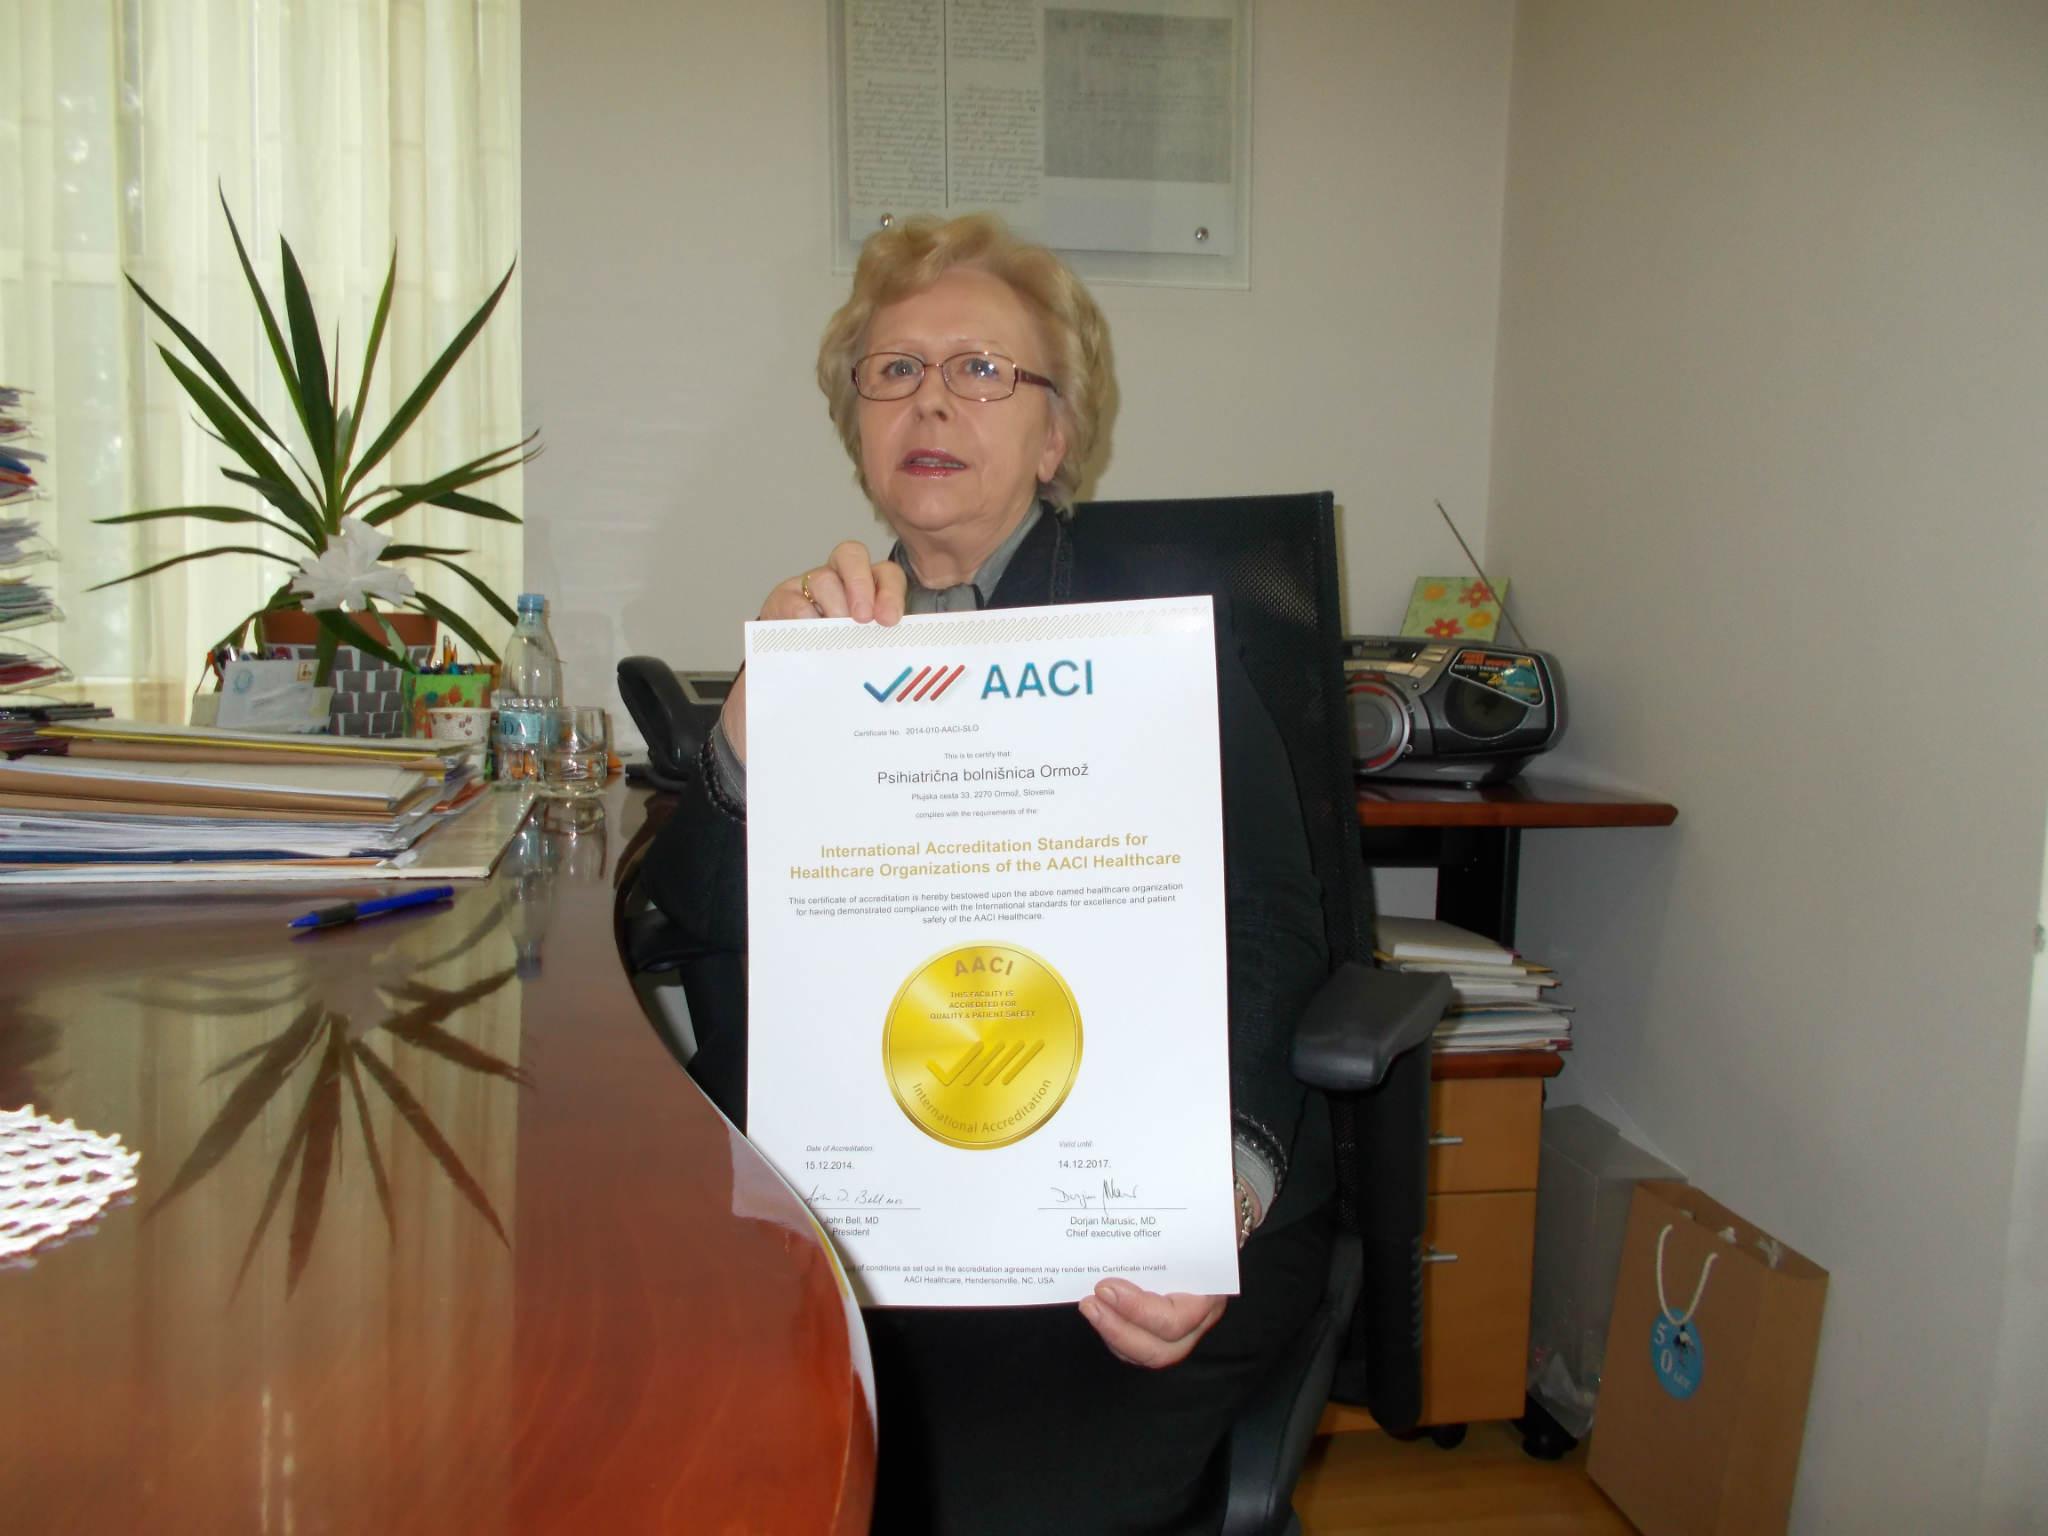 Mednarodna akreditacijska listina (AACI Healthcare) za Psihiatrično bolnišnico Ormož